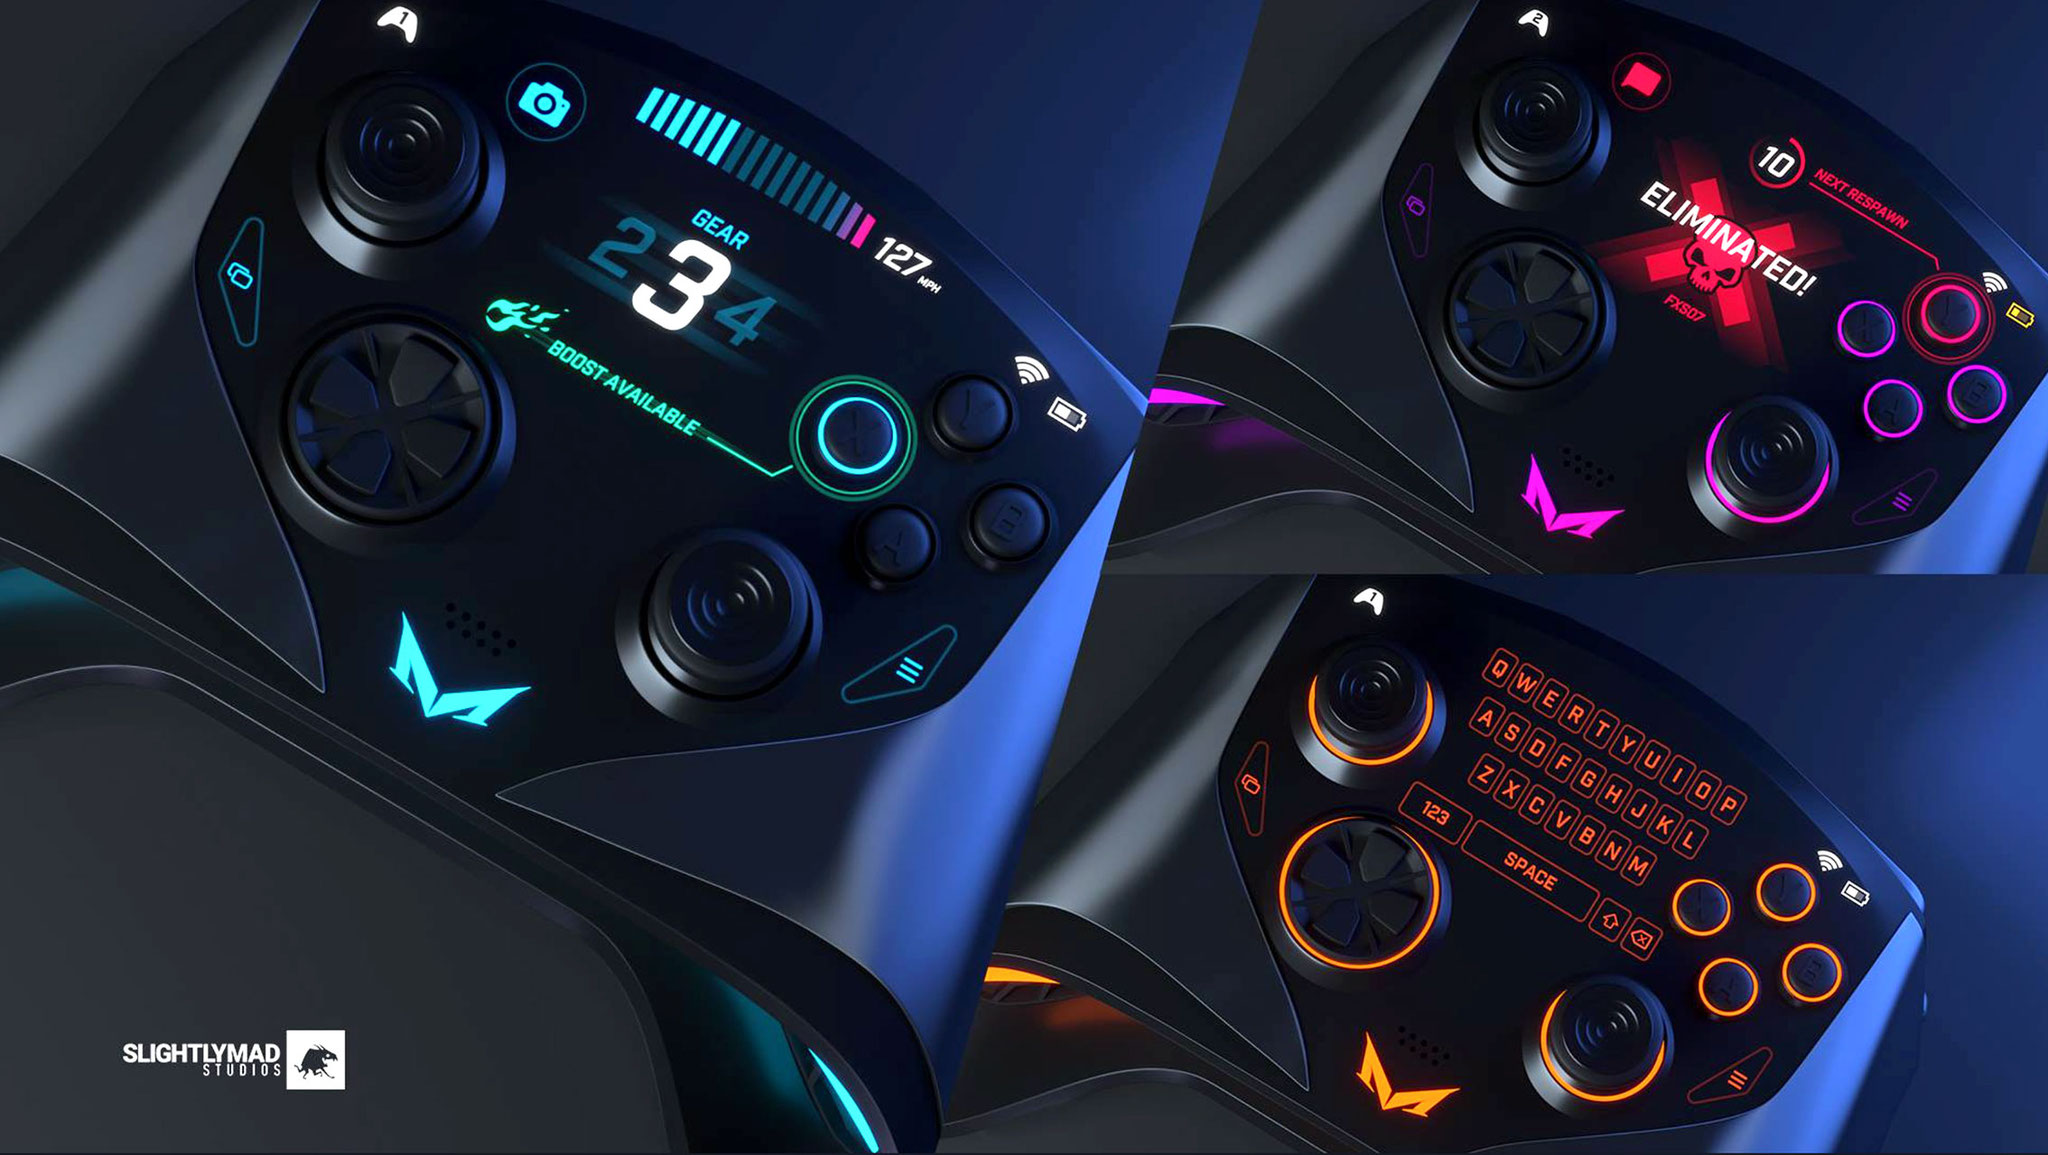 Die Gamepads für die Mad Box sollen wie die Konsole selber mit verstellbaren Licht-Elementen kommen, außerdem ist ein vollwertiger Touchscreen integriert.